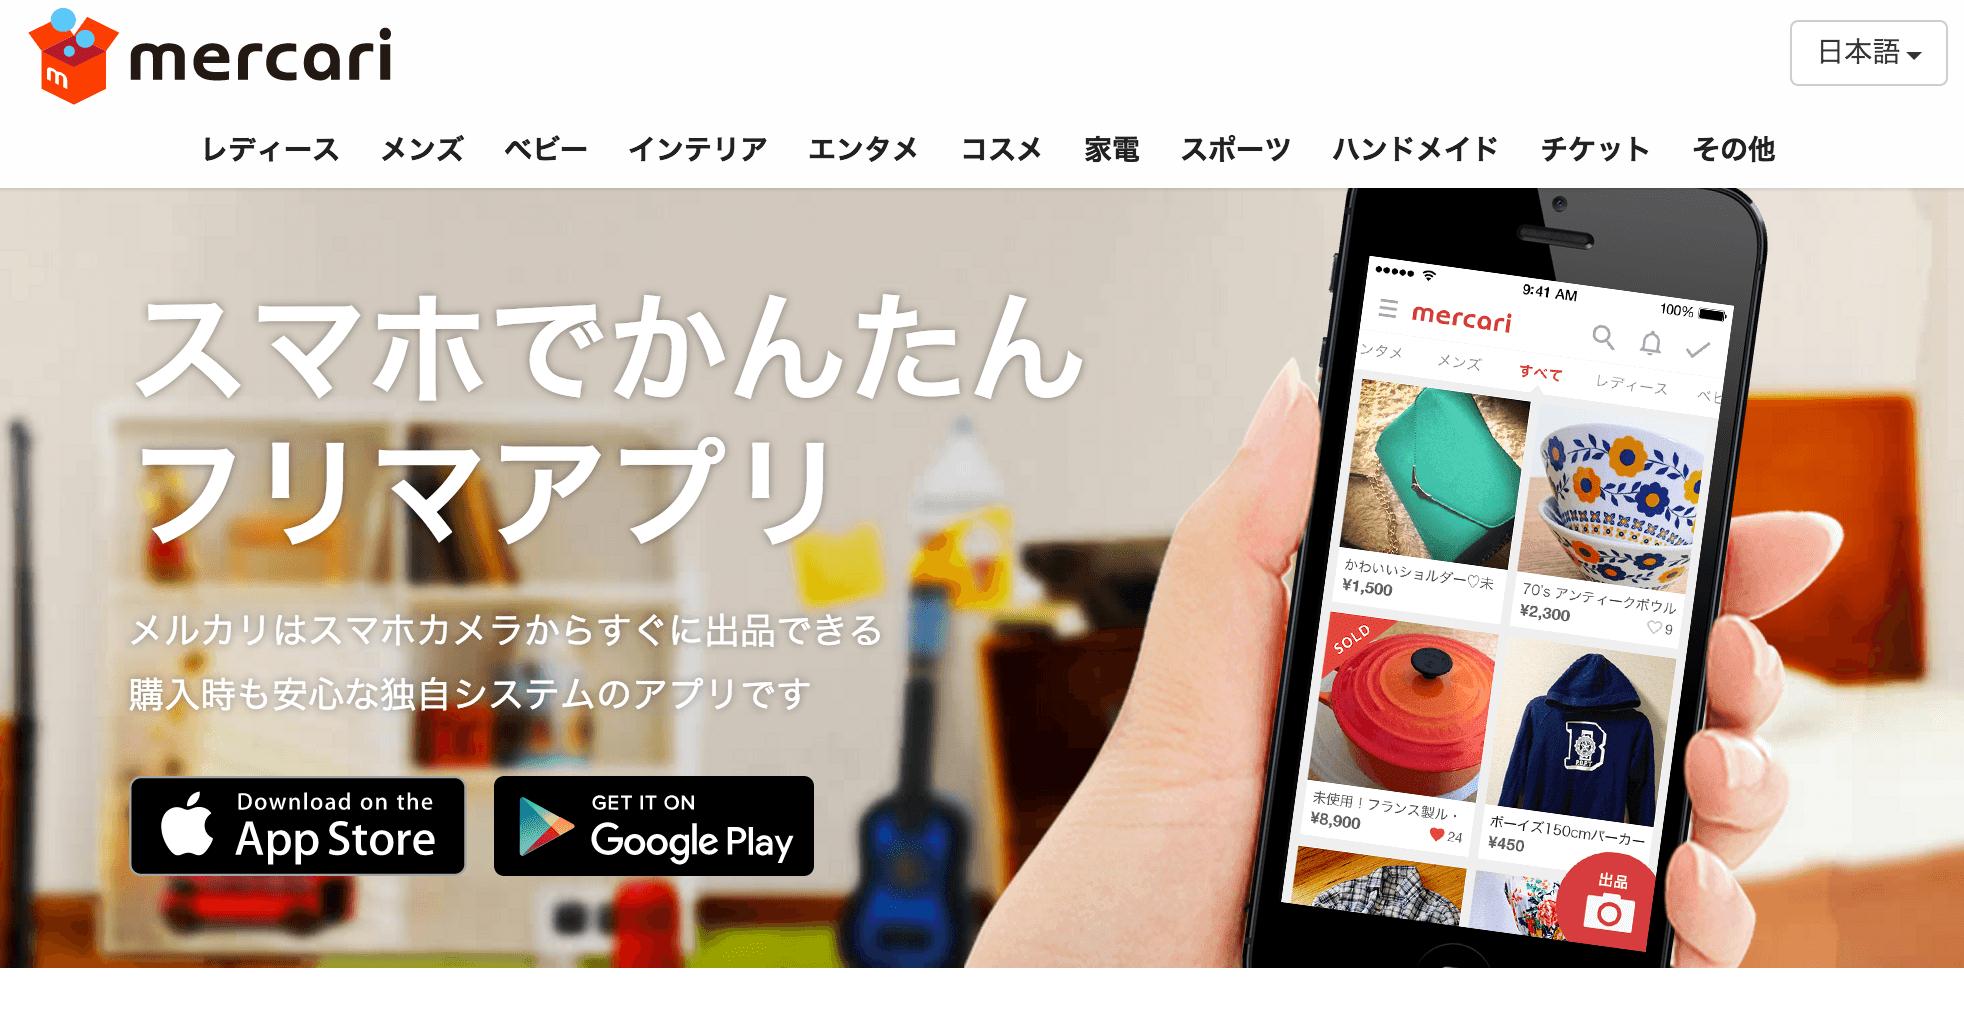 フリマアプリを使ってみた〜メルカリ、Fril、ZOZOフリマ〜